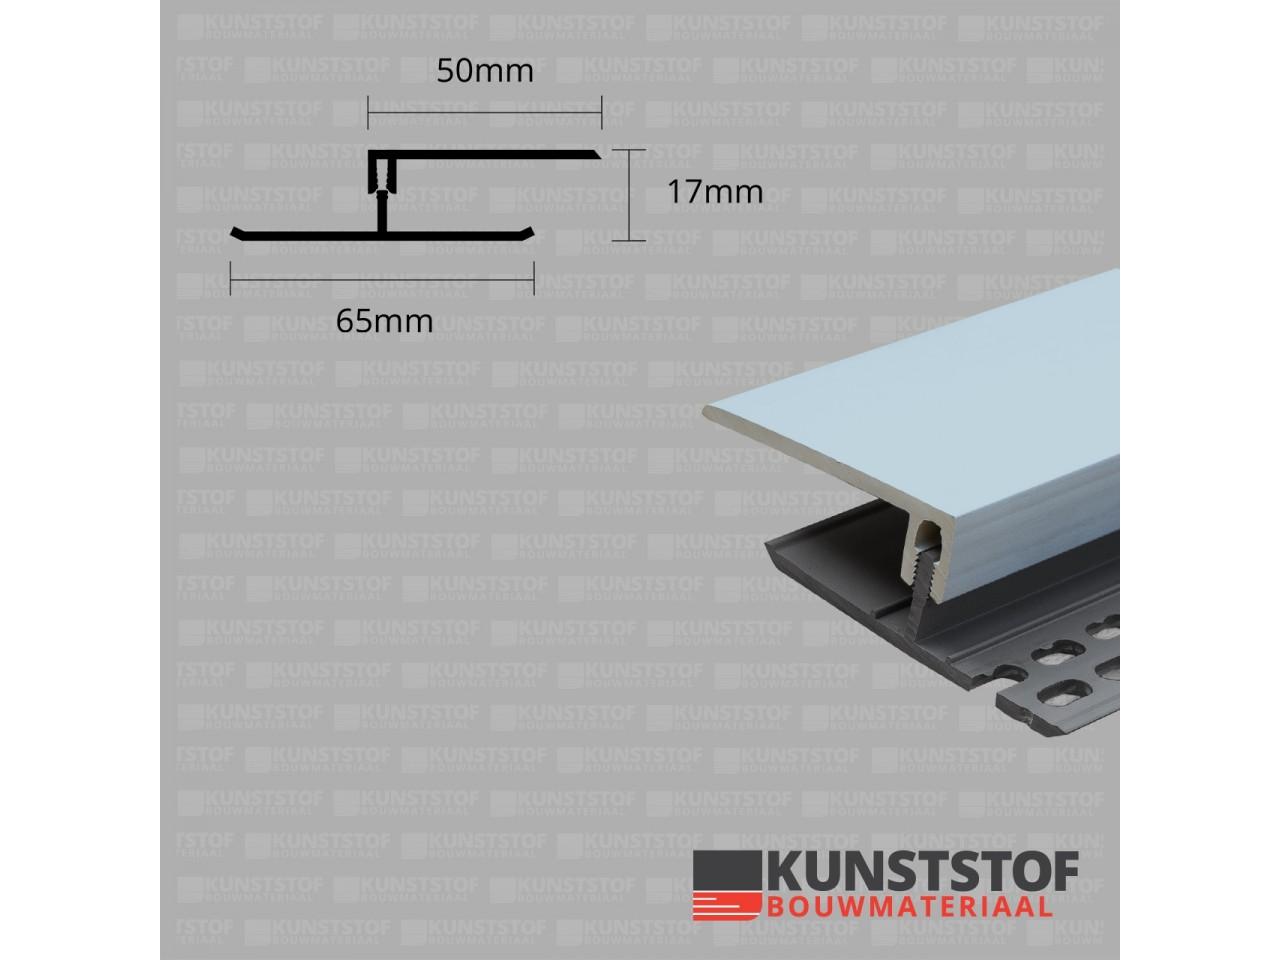 Eurotexx Dubbel Rabat - potdeksel 17mm ventilatie afsluitprofiel kunststof in de kleur lichtblauw